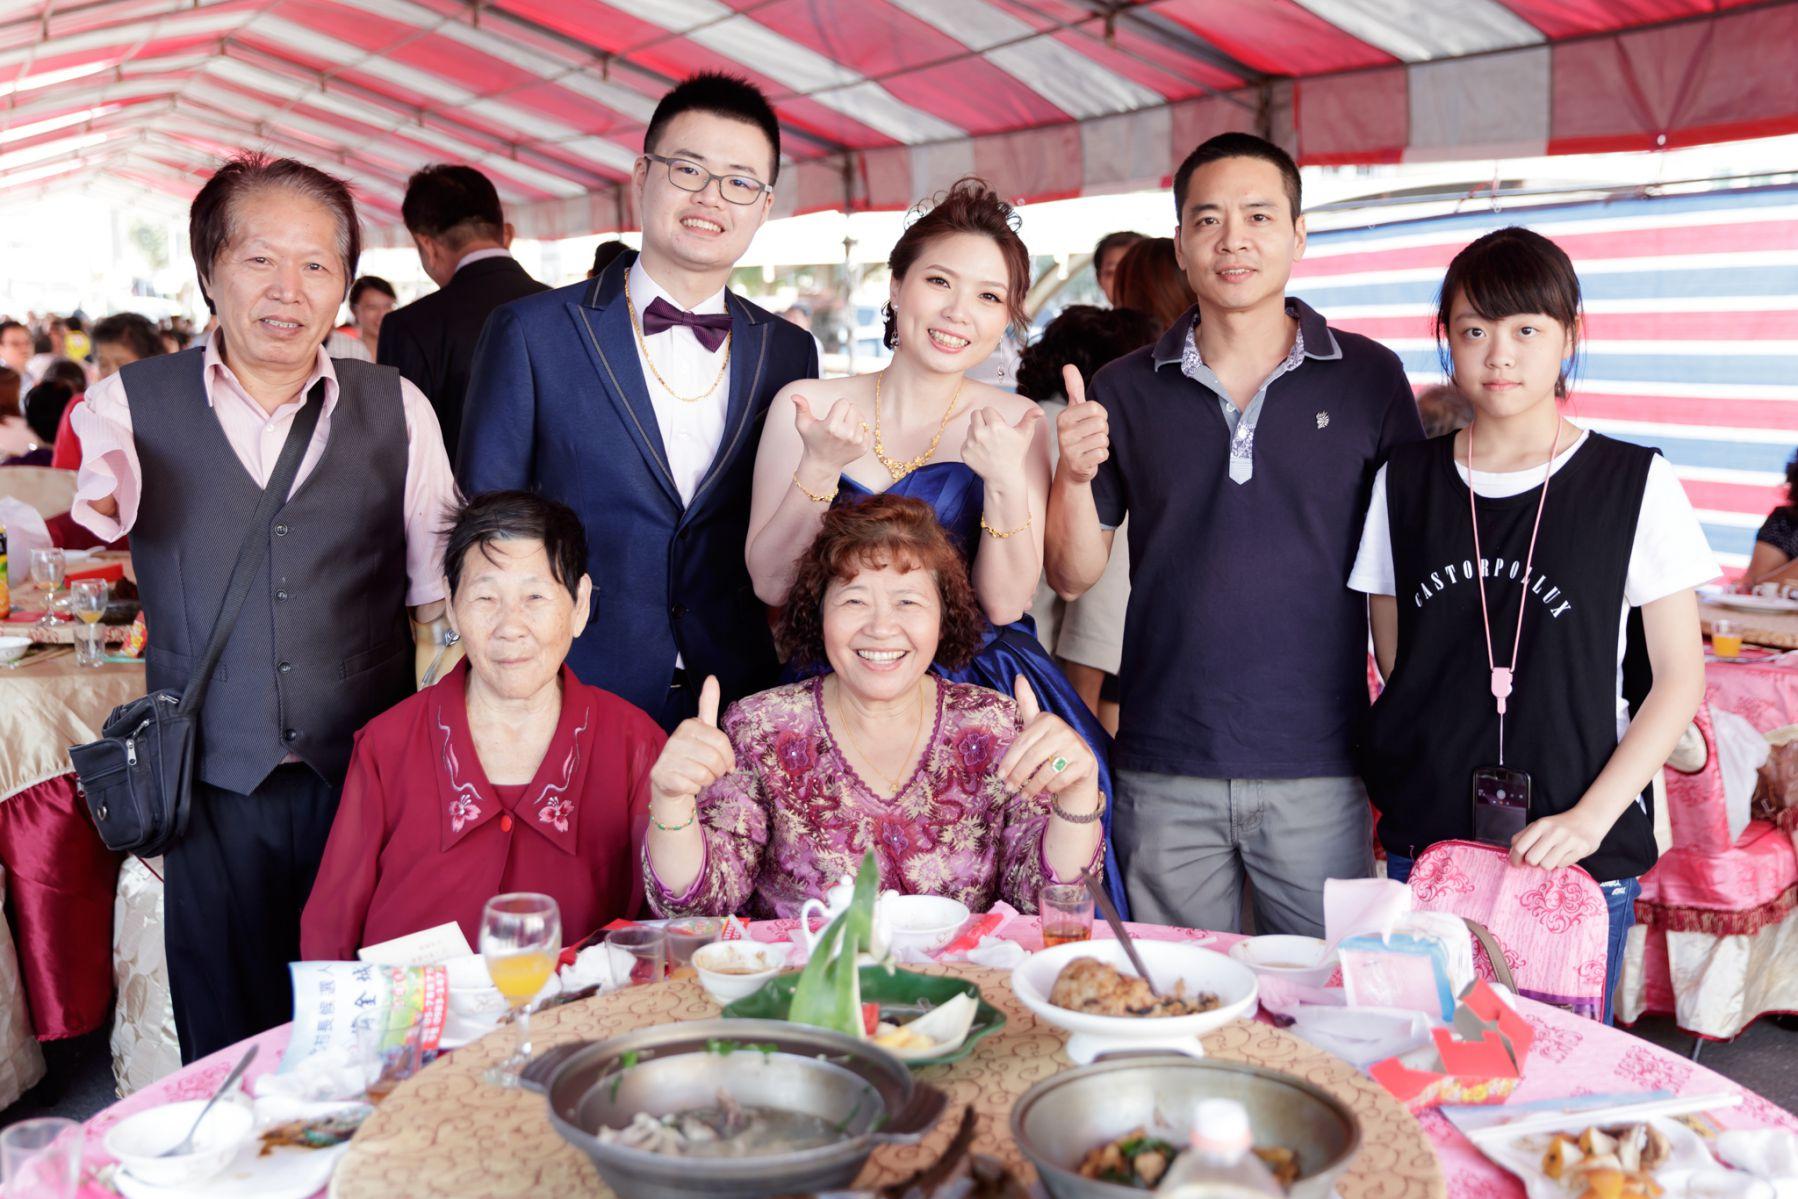 婚攝|昱明 & 宜貞 - 流水席婚禮 - 流水席婚攝,流水席婚禮